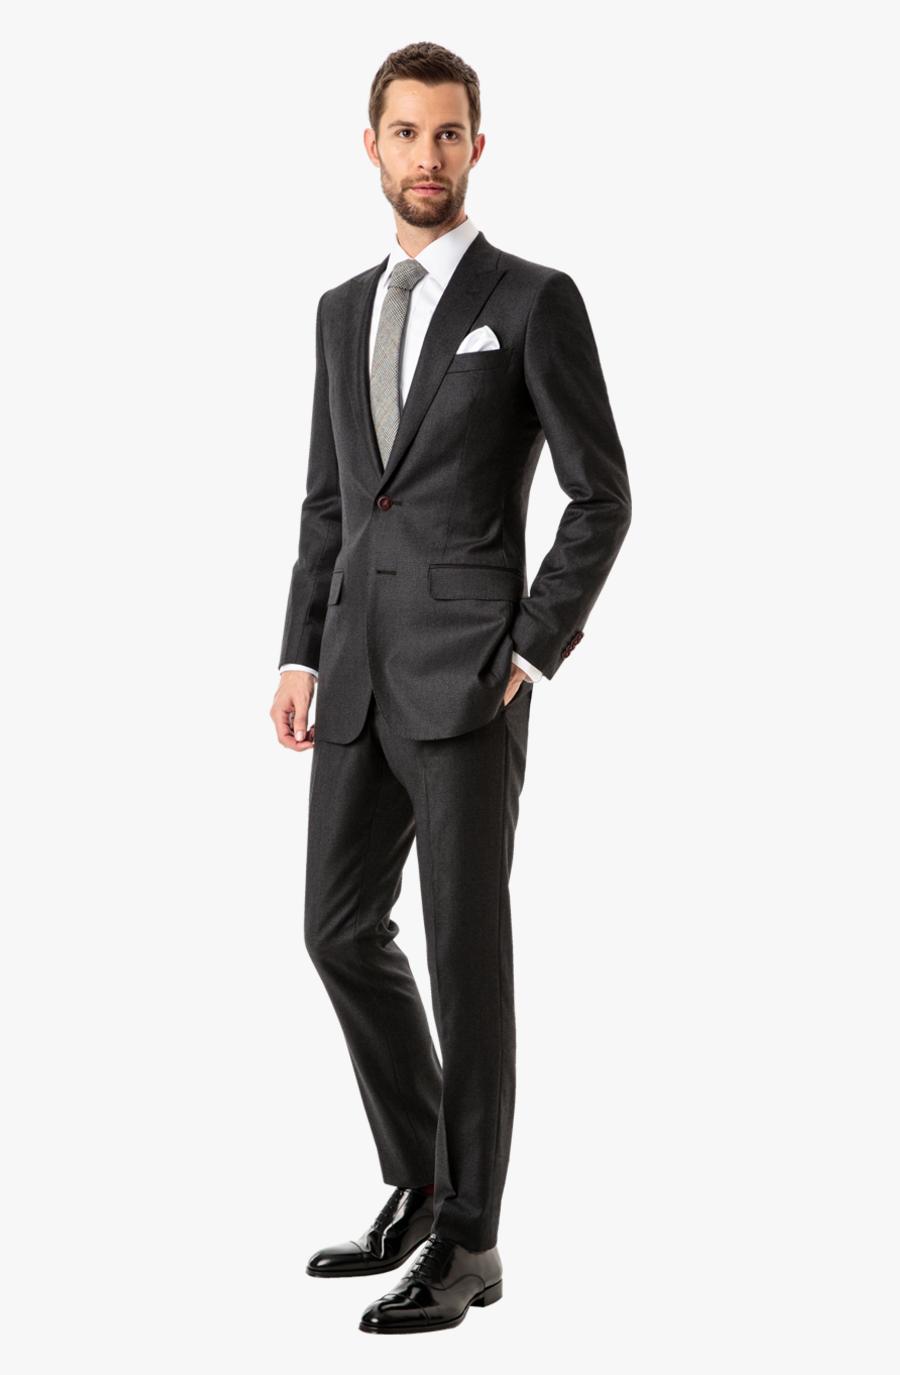 Man In A Suit Png - Transparent Man Suit Png, Transparent Clipart